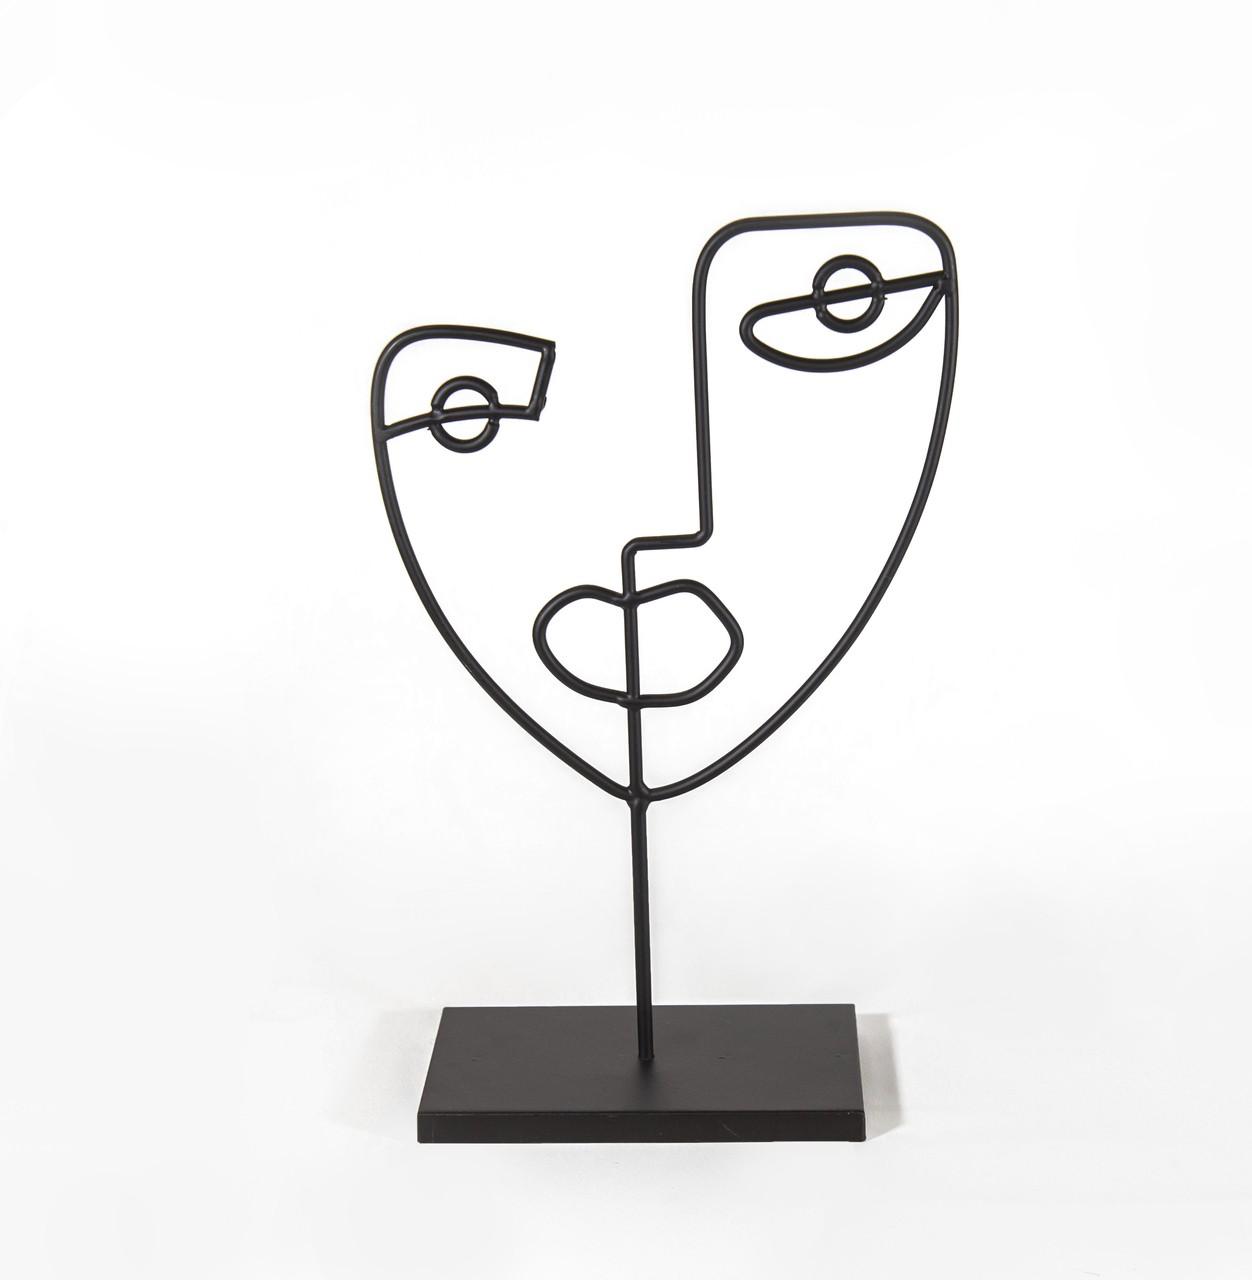 Escultura Preta Em Metal - 28 Cm